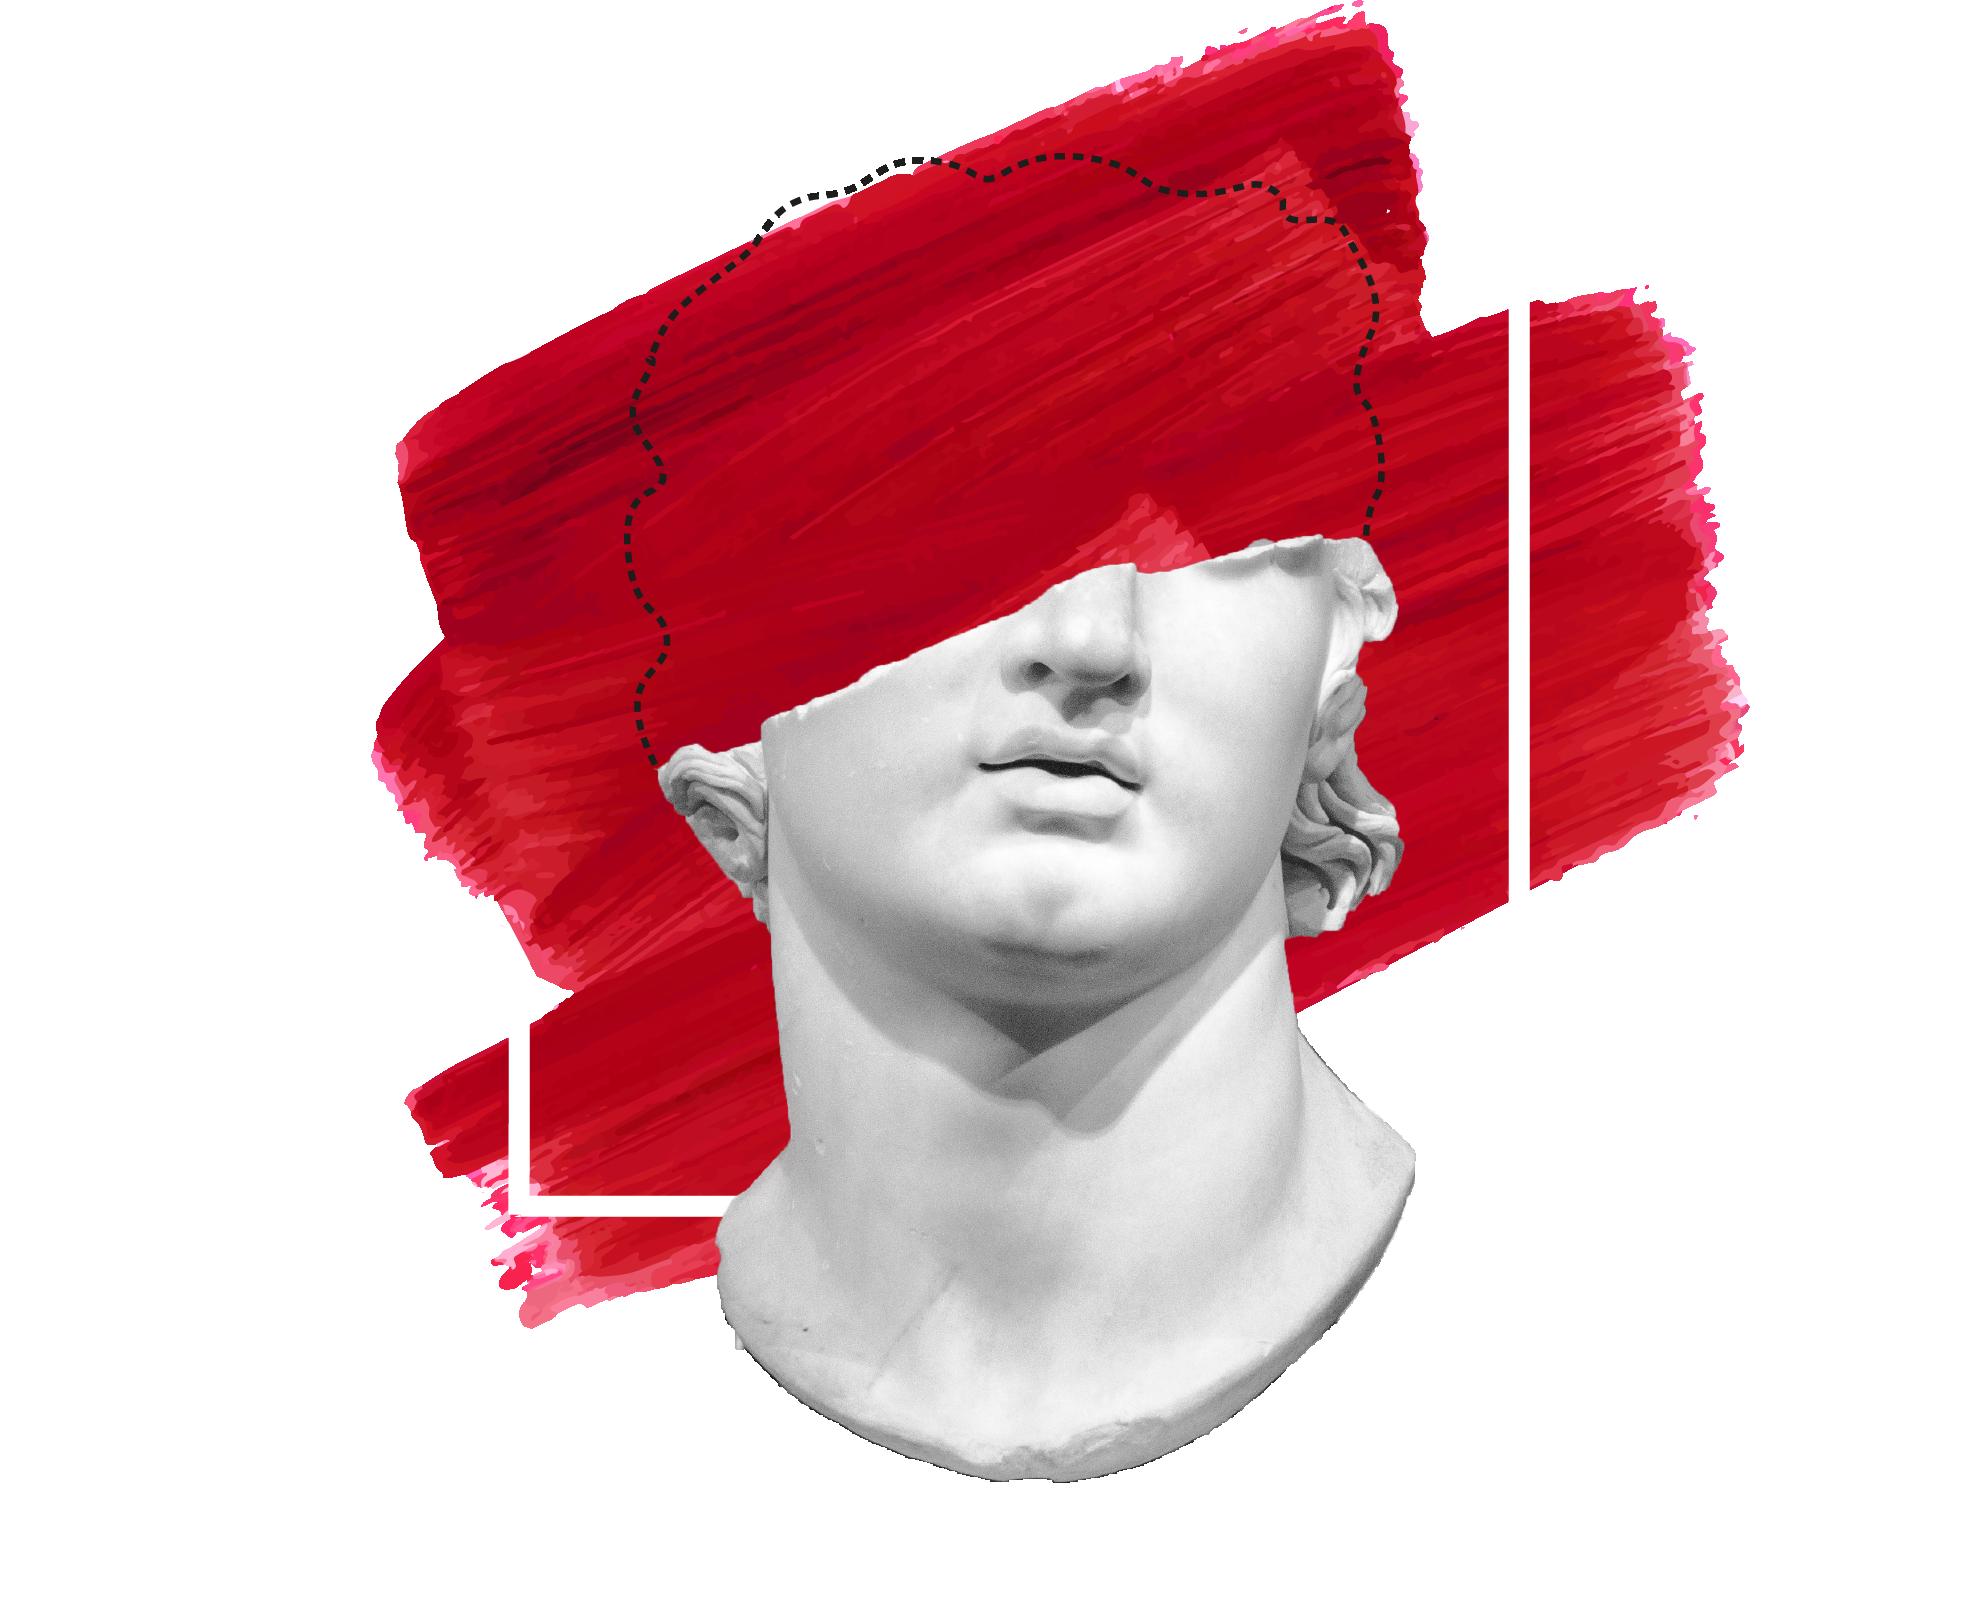 Statue mit roter Farbfläche und Rahmen